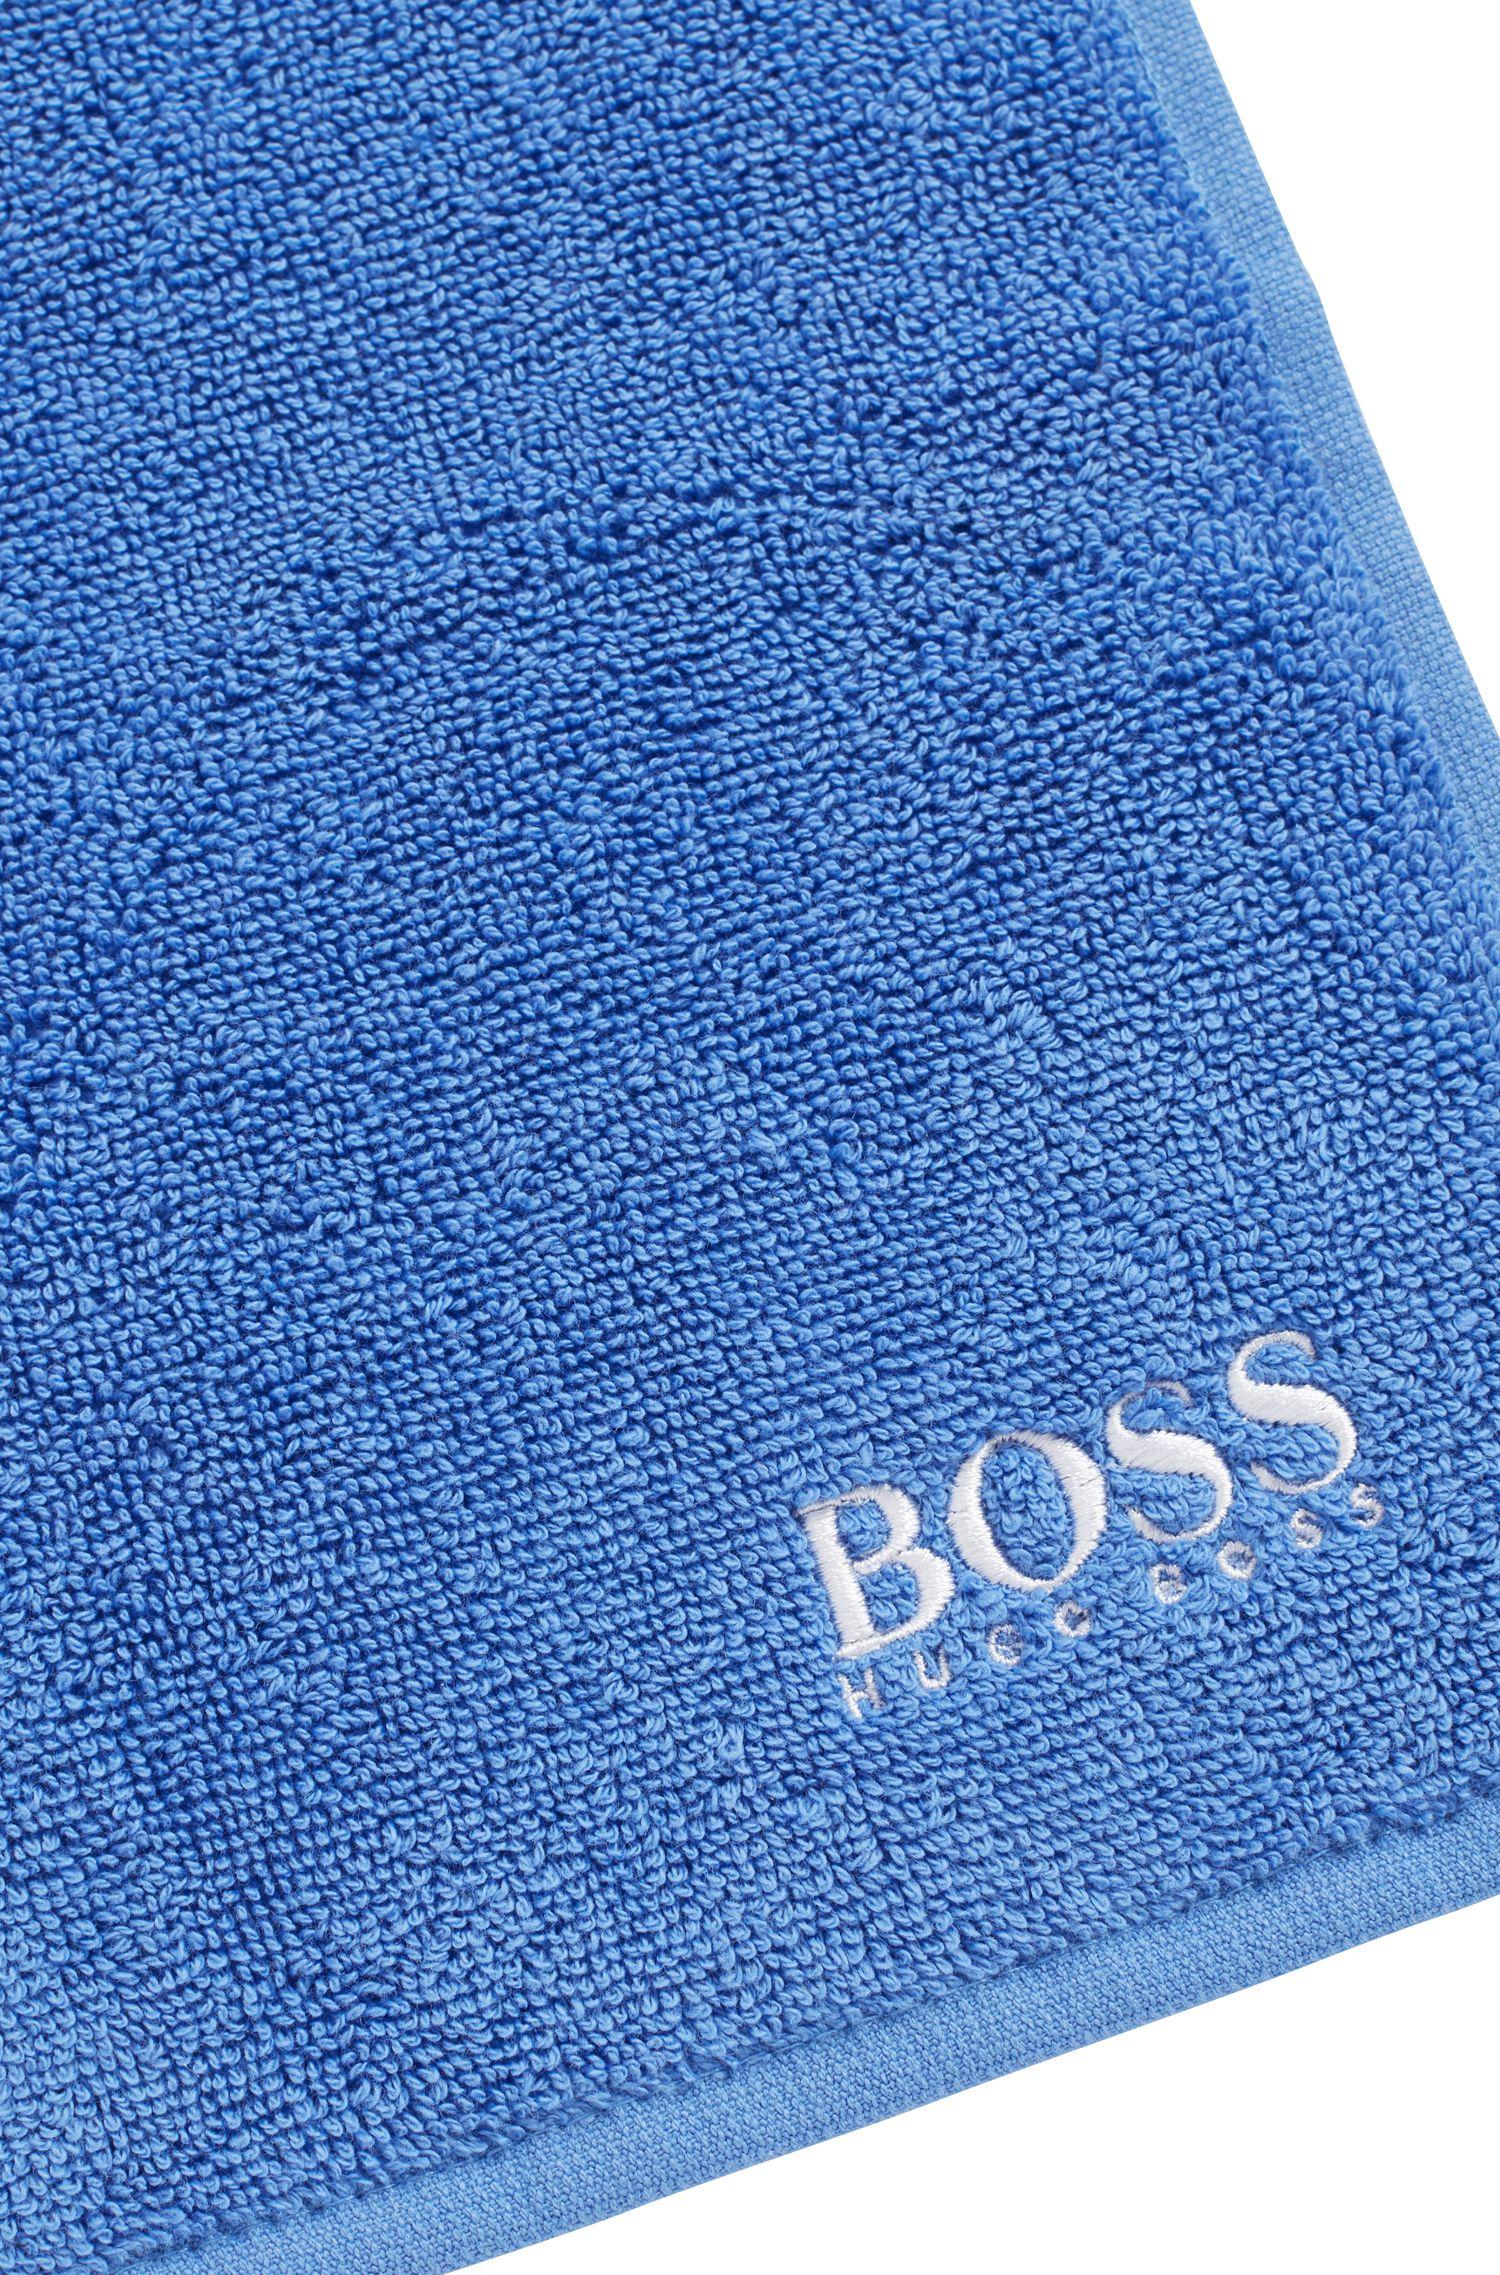 Washandje van de fijnste Egyptische katoen met logostiksel, Blauw